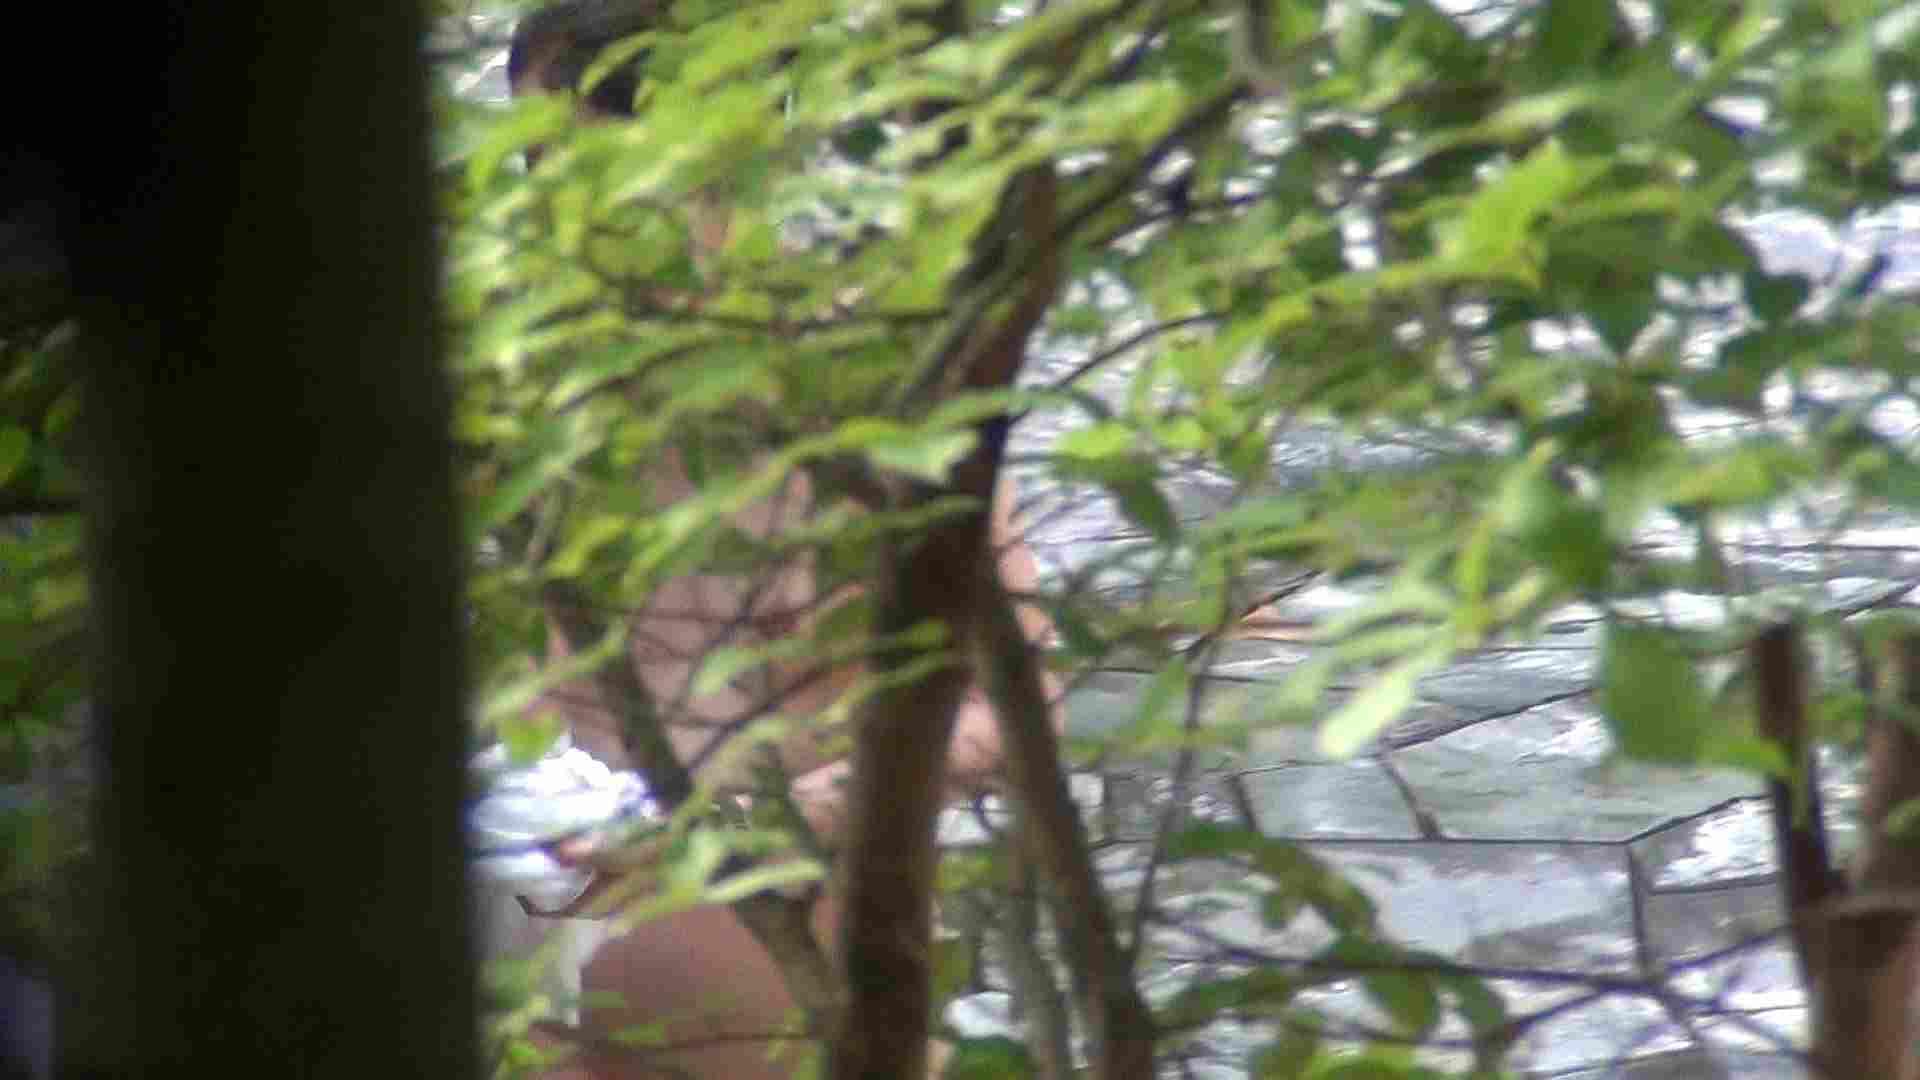 Vol.66 血縁関係三人の裸体鑑賞 タオルが憎い 美女 AV動画キャプチャ 102連発 79